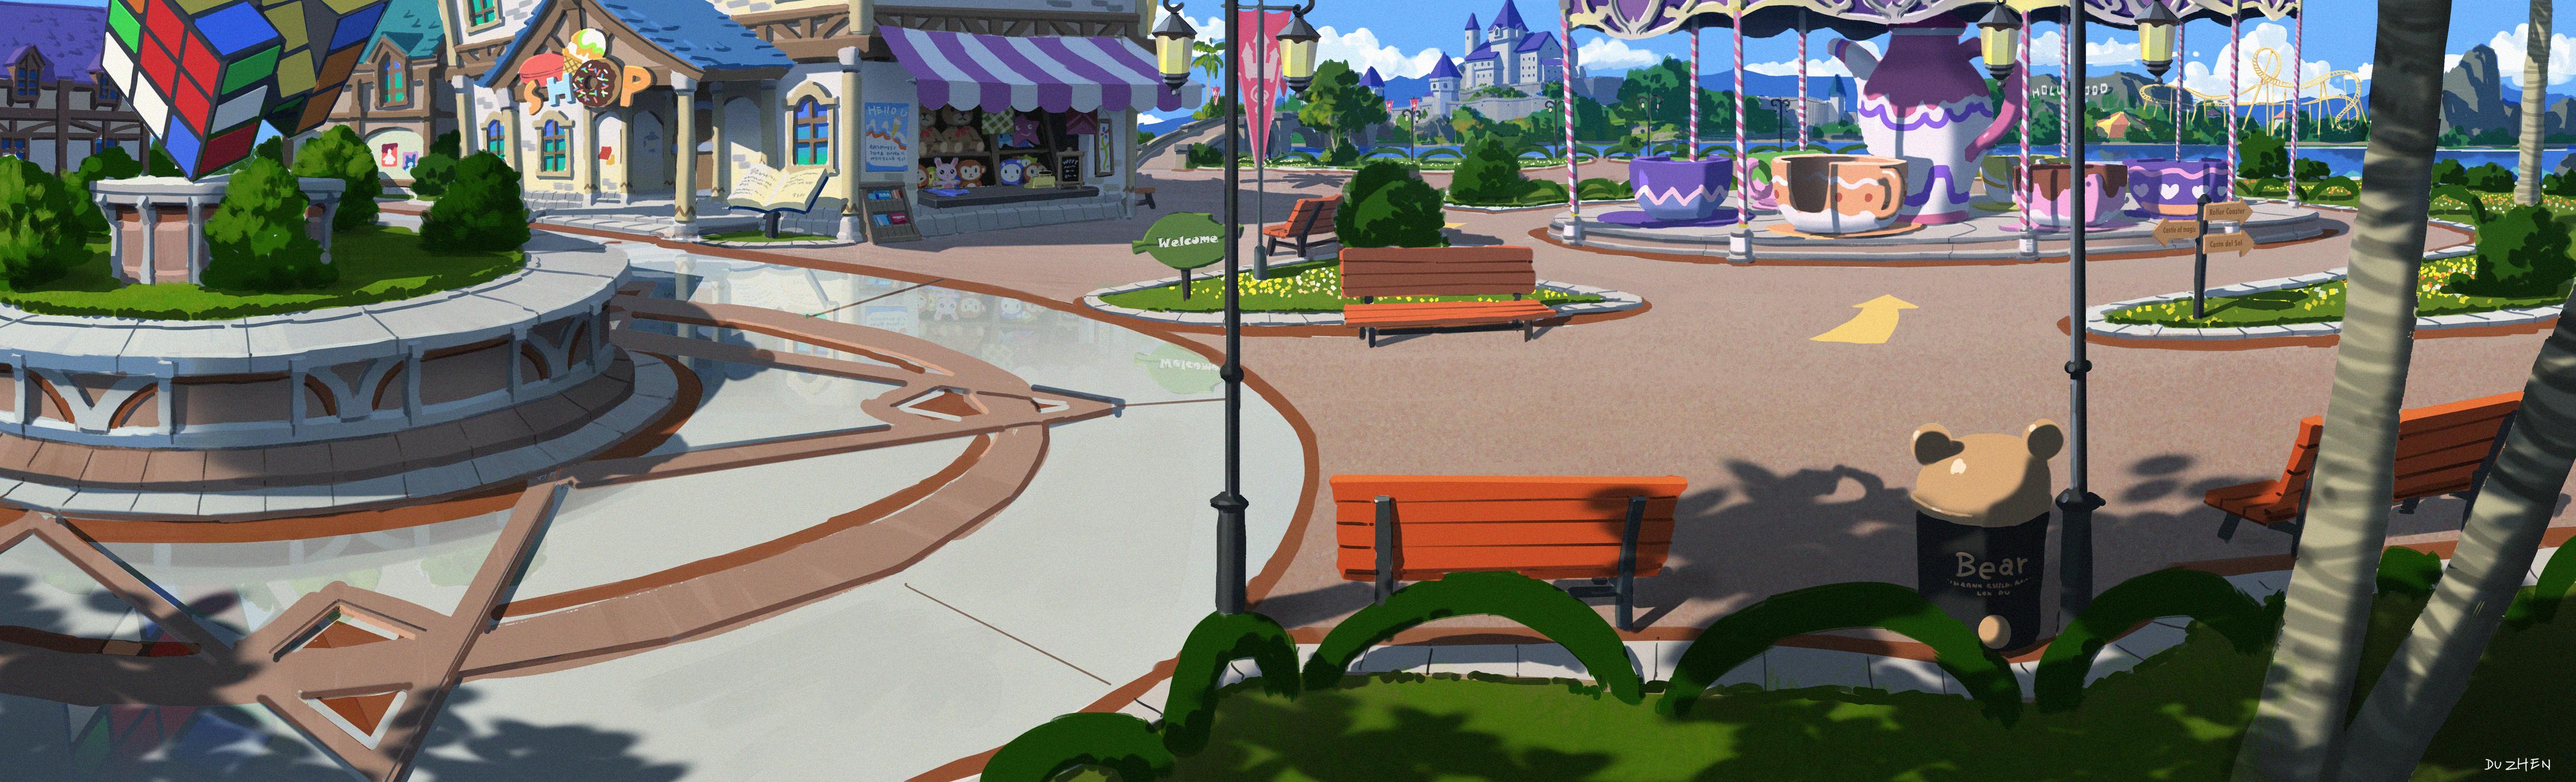 杜震-《游乐场》横版场景